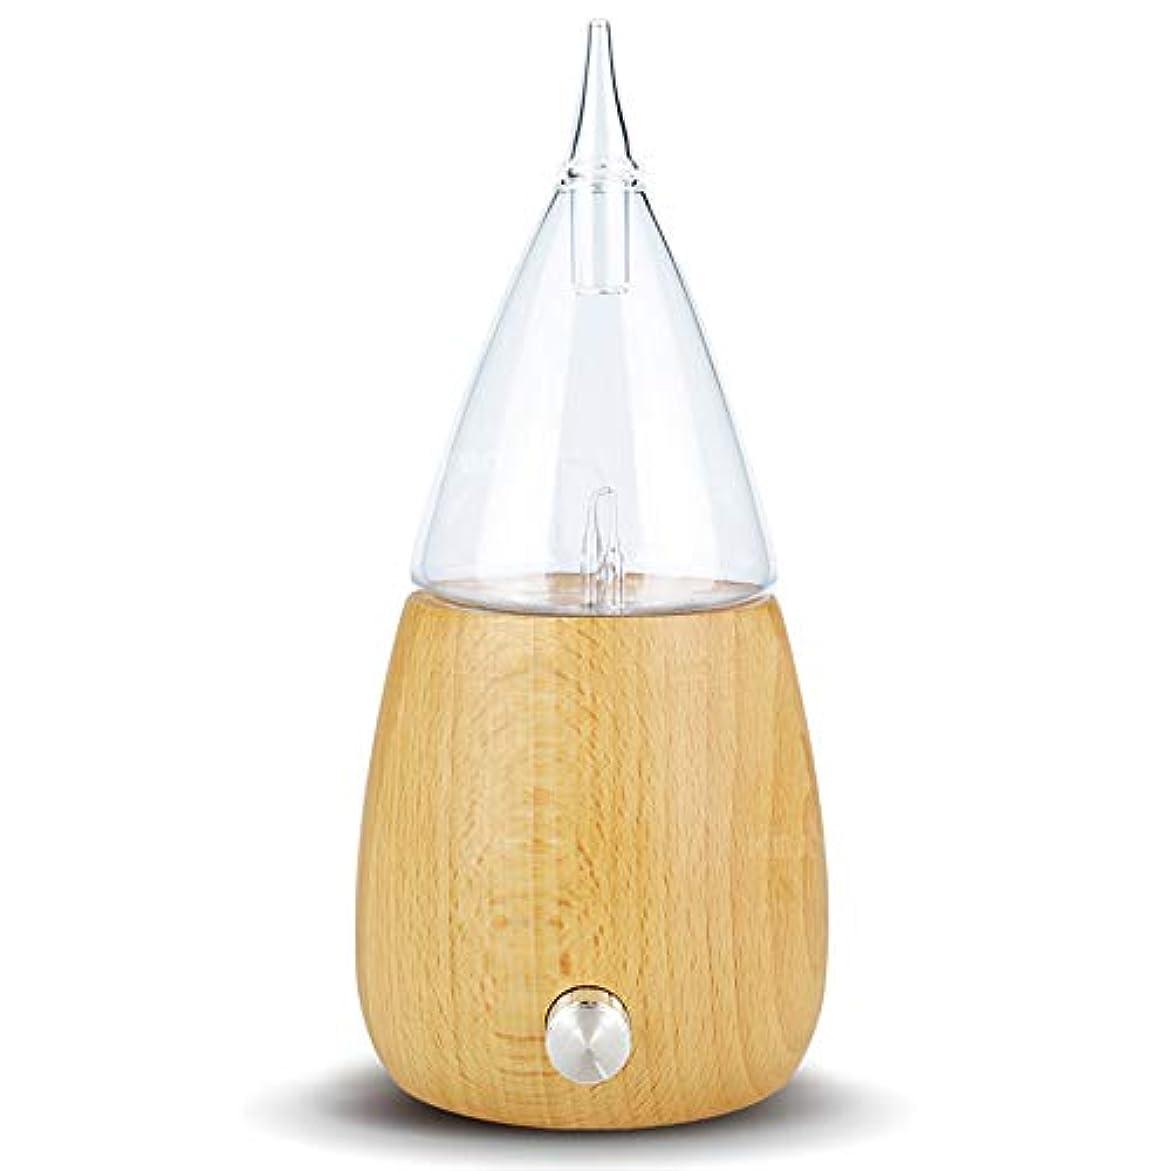 船グリットなにRakuby アロマ セラピーディフューザー ガラスリザーバー噴霧 純粋エッセンシャルオイル アロマ ディフューザー 加湿器 オートシャットオフ カラフルledライト用 ホームオフィス